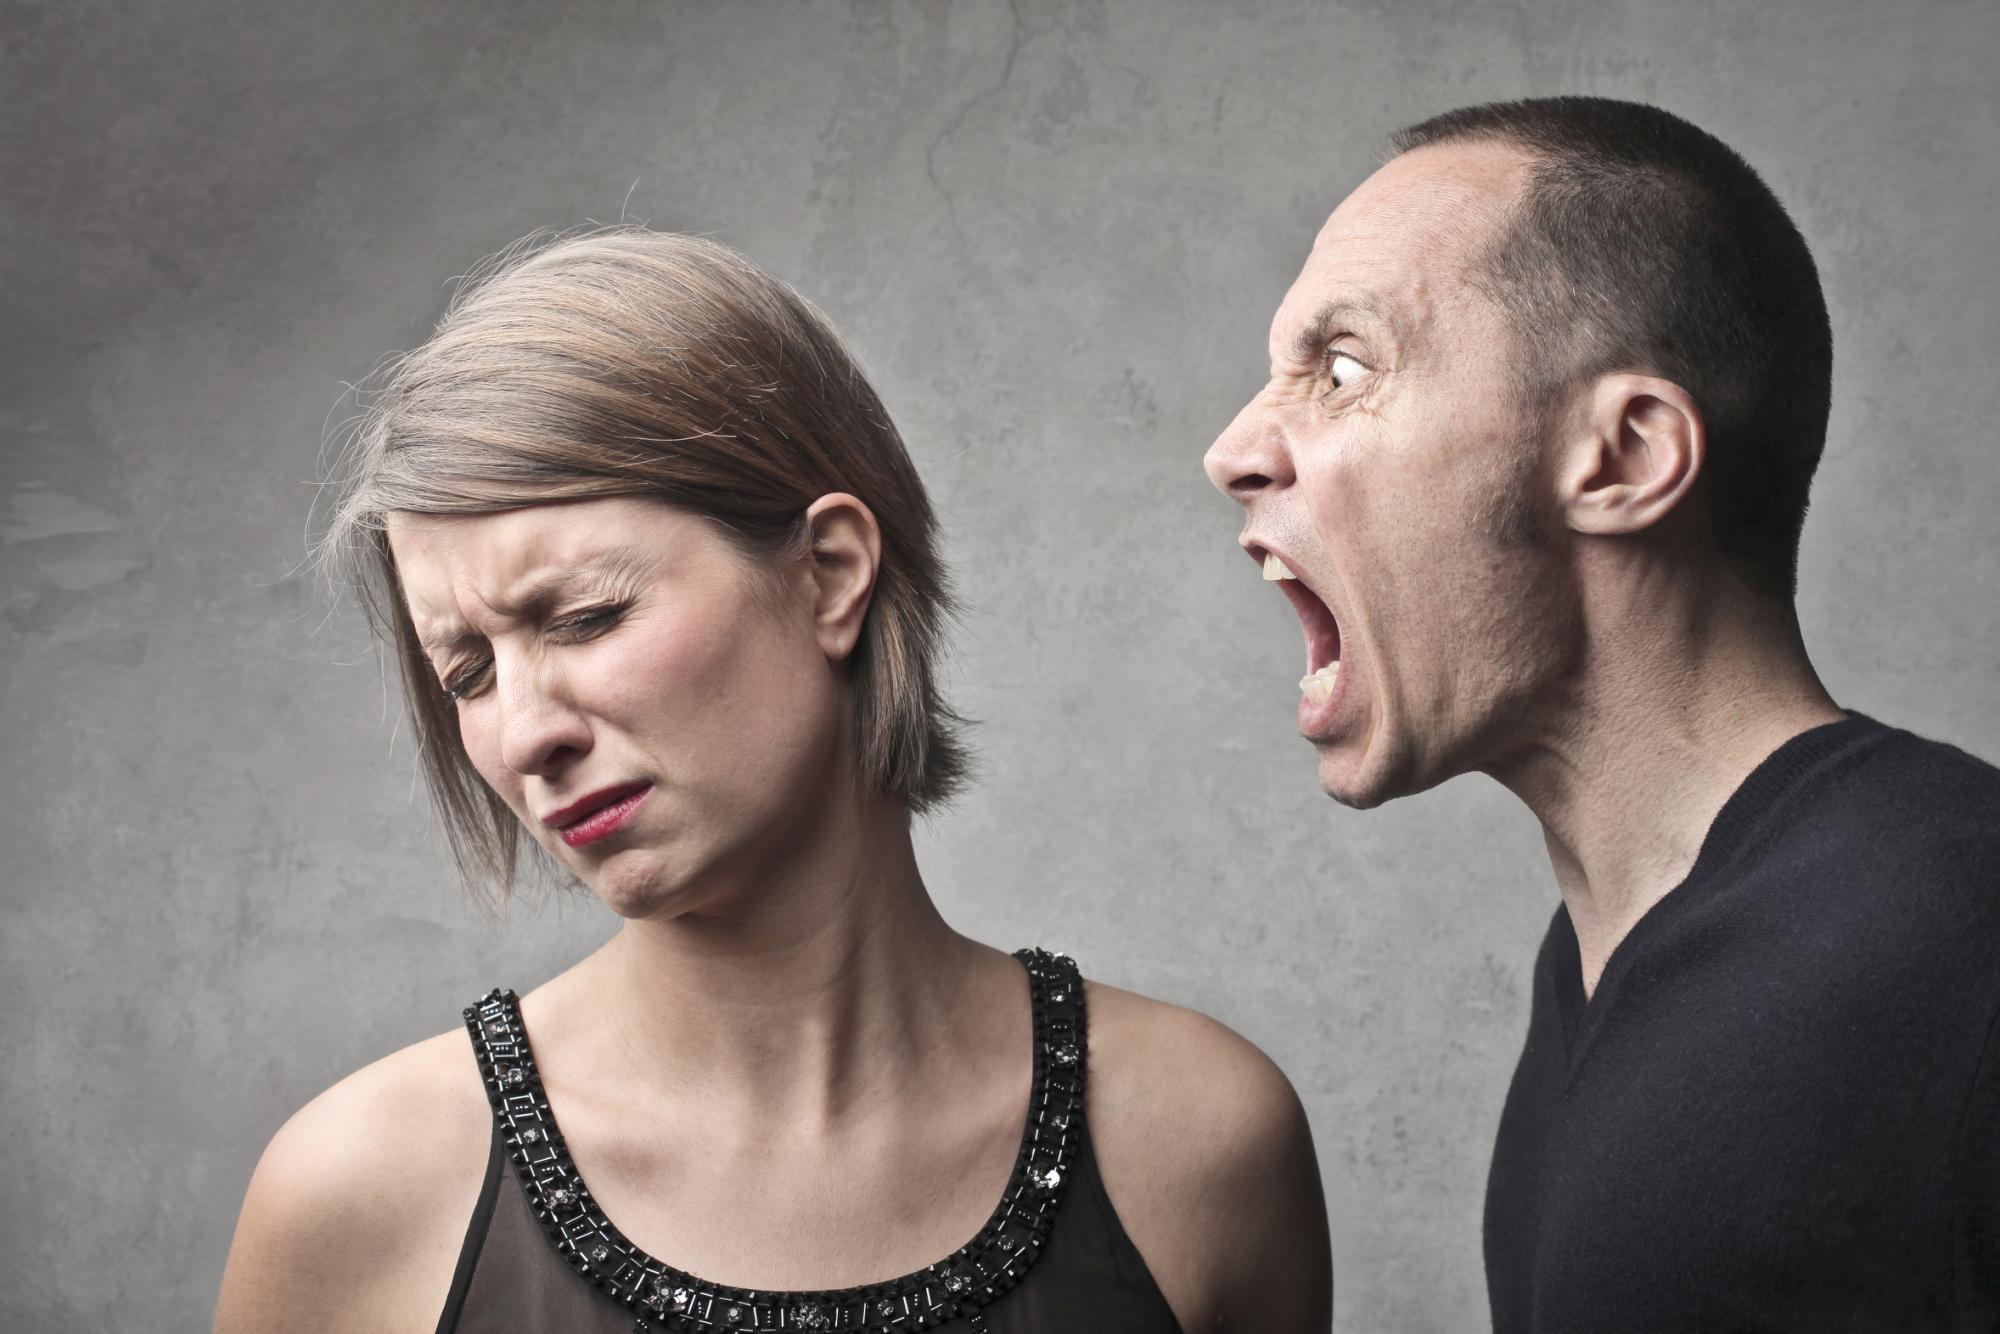 Чтобы убедиться, что перед вами псих, важно знать основные симптомы поведения